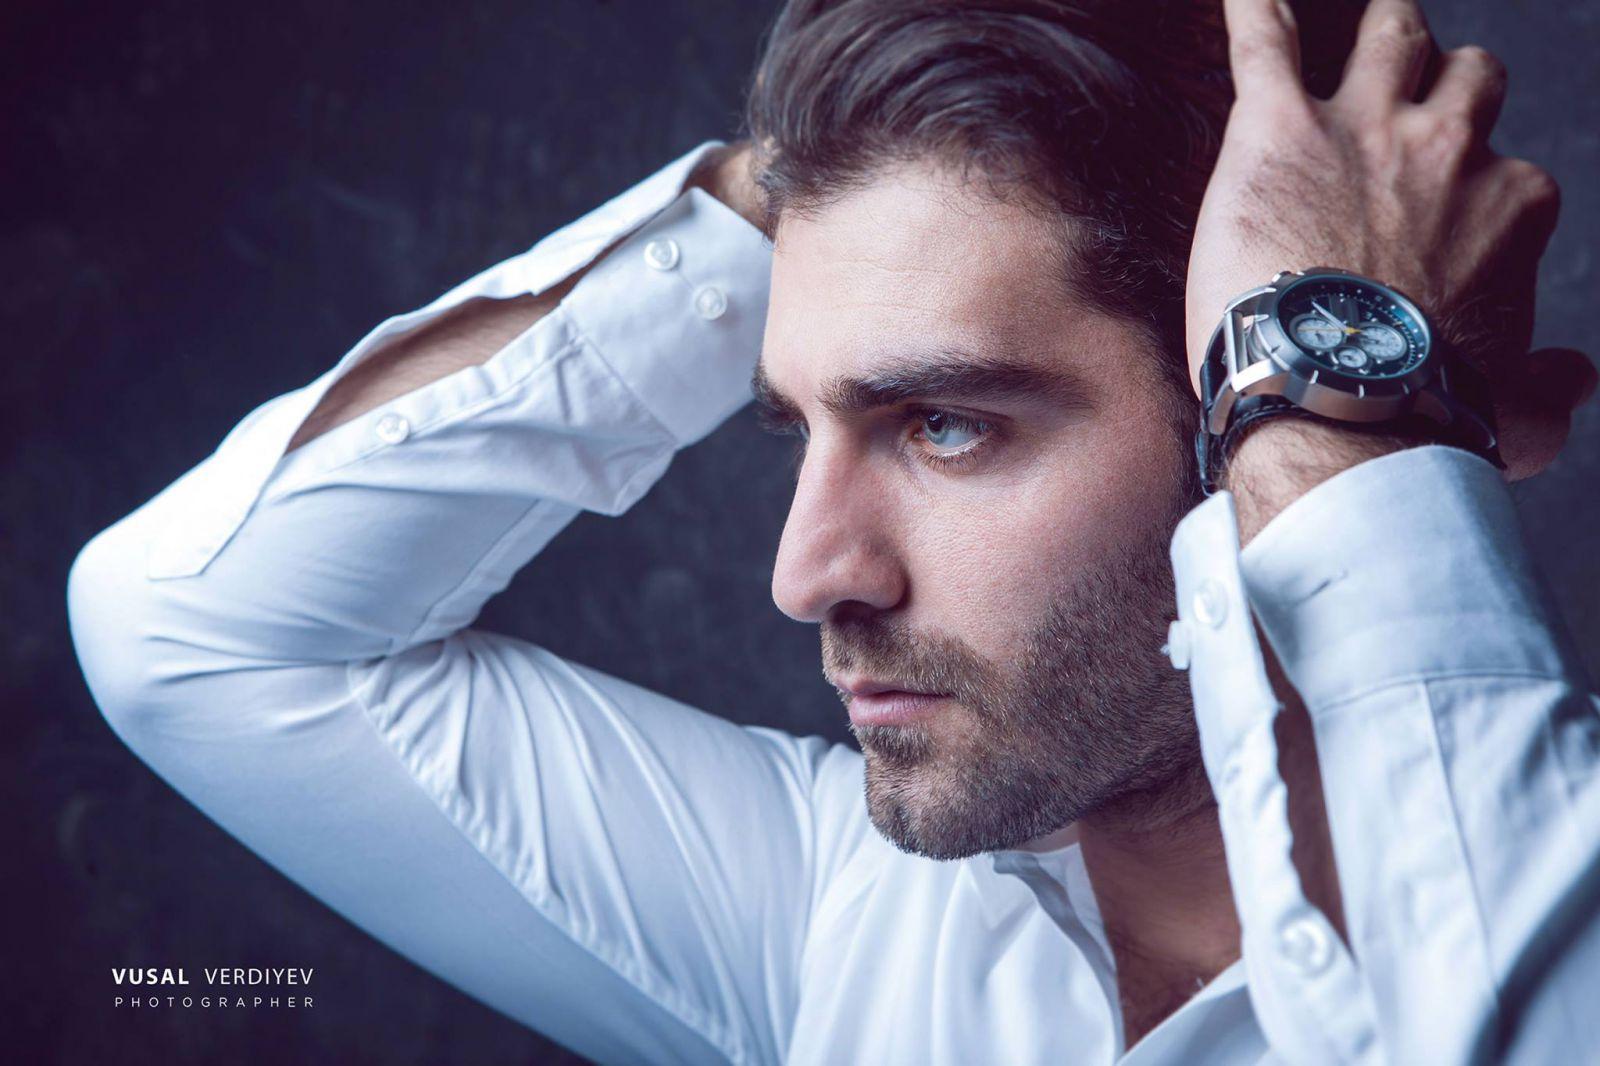 Самая красивая модель - мужчина Азербайджана в объективе ... Модель Мужчина Русский